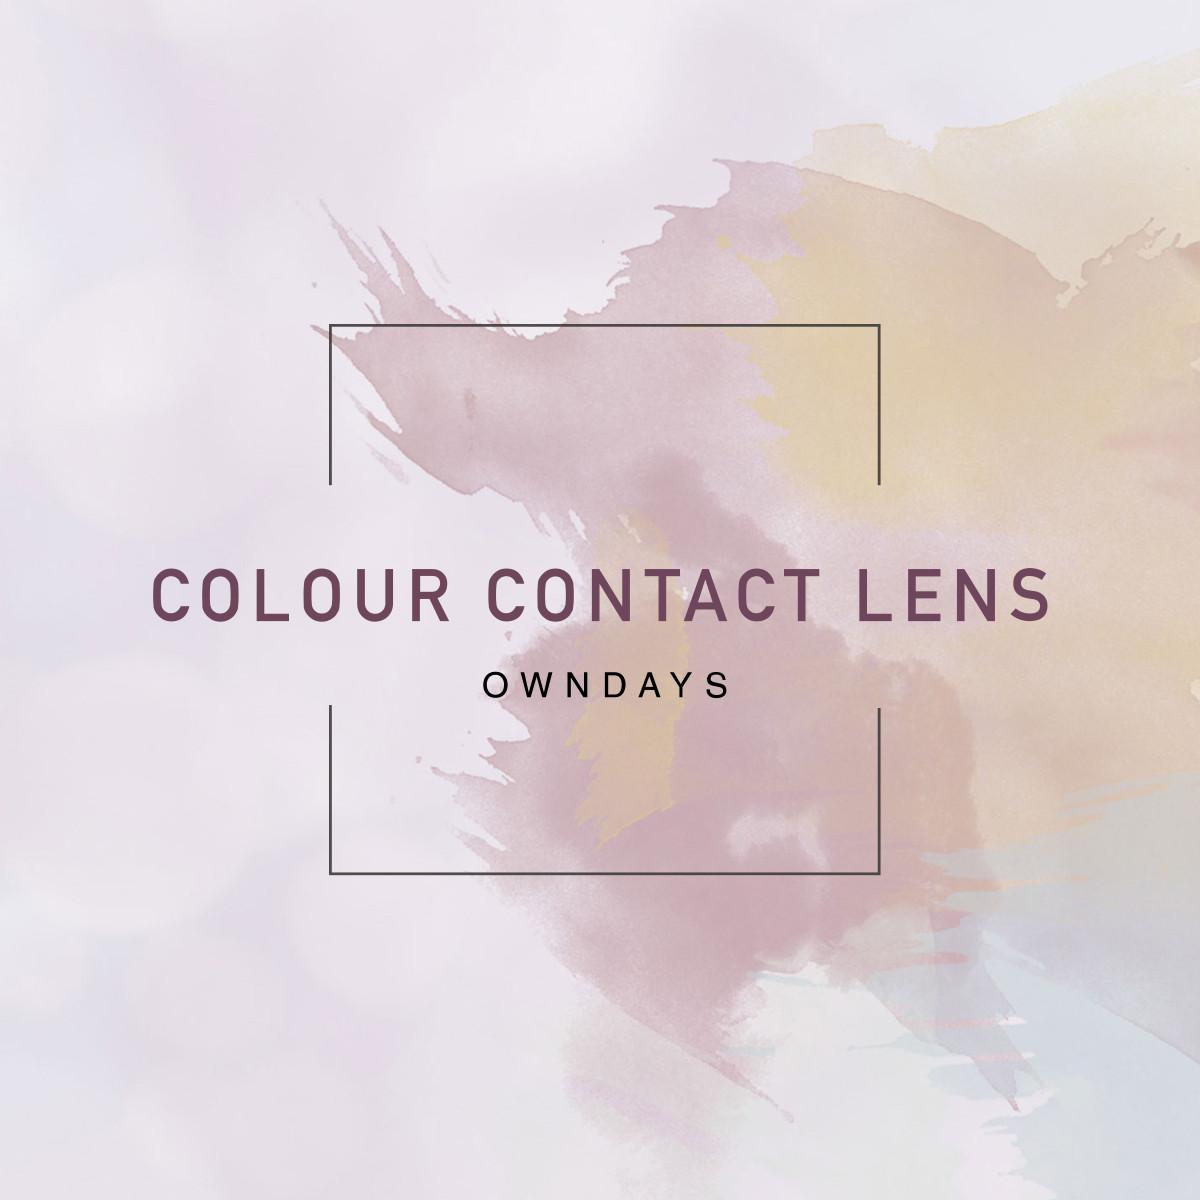 specials/color-contactlens.title